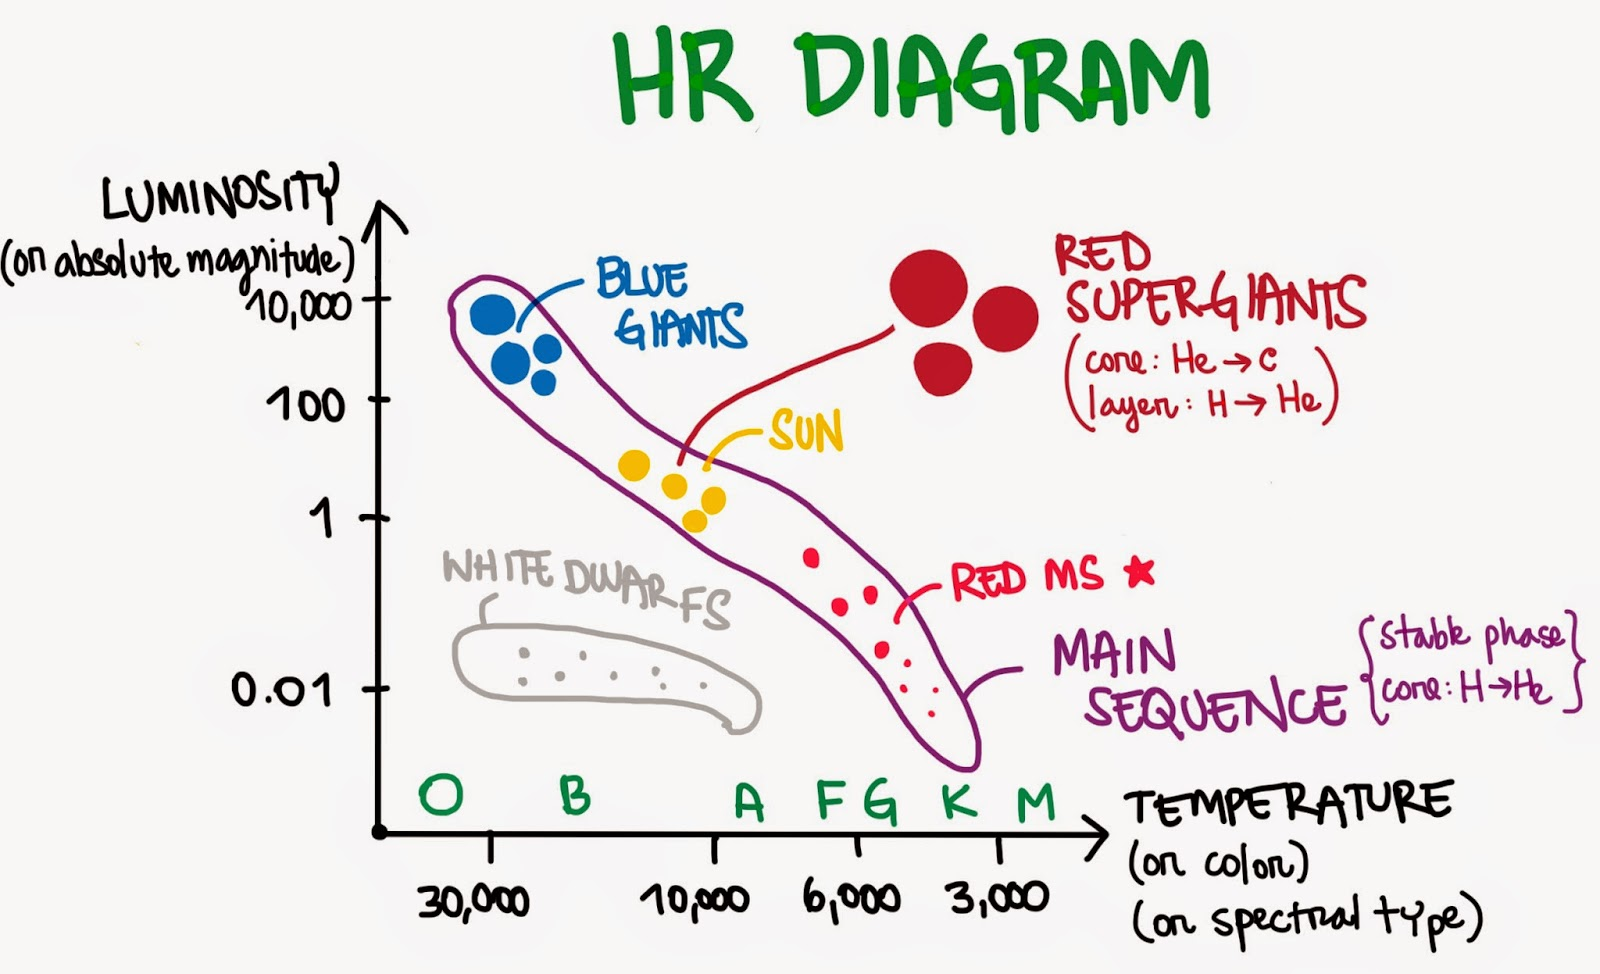 hr diagram with color umd astro 101 / herrera-camus: ix - hr diagram and nebulae